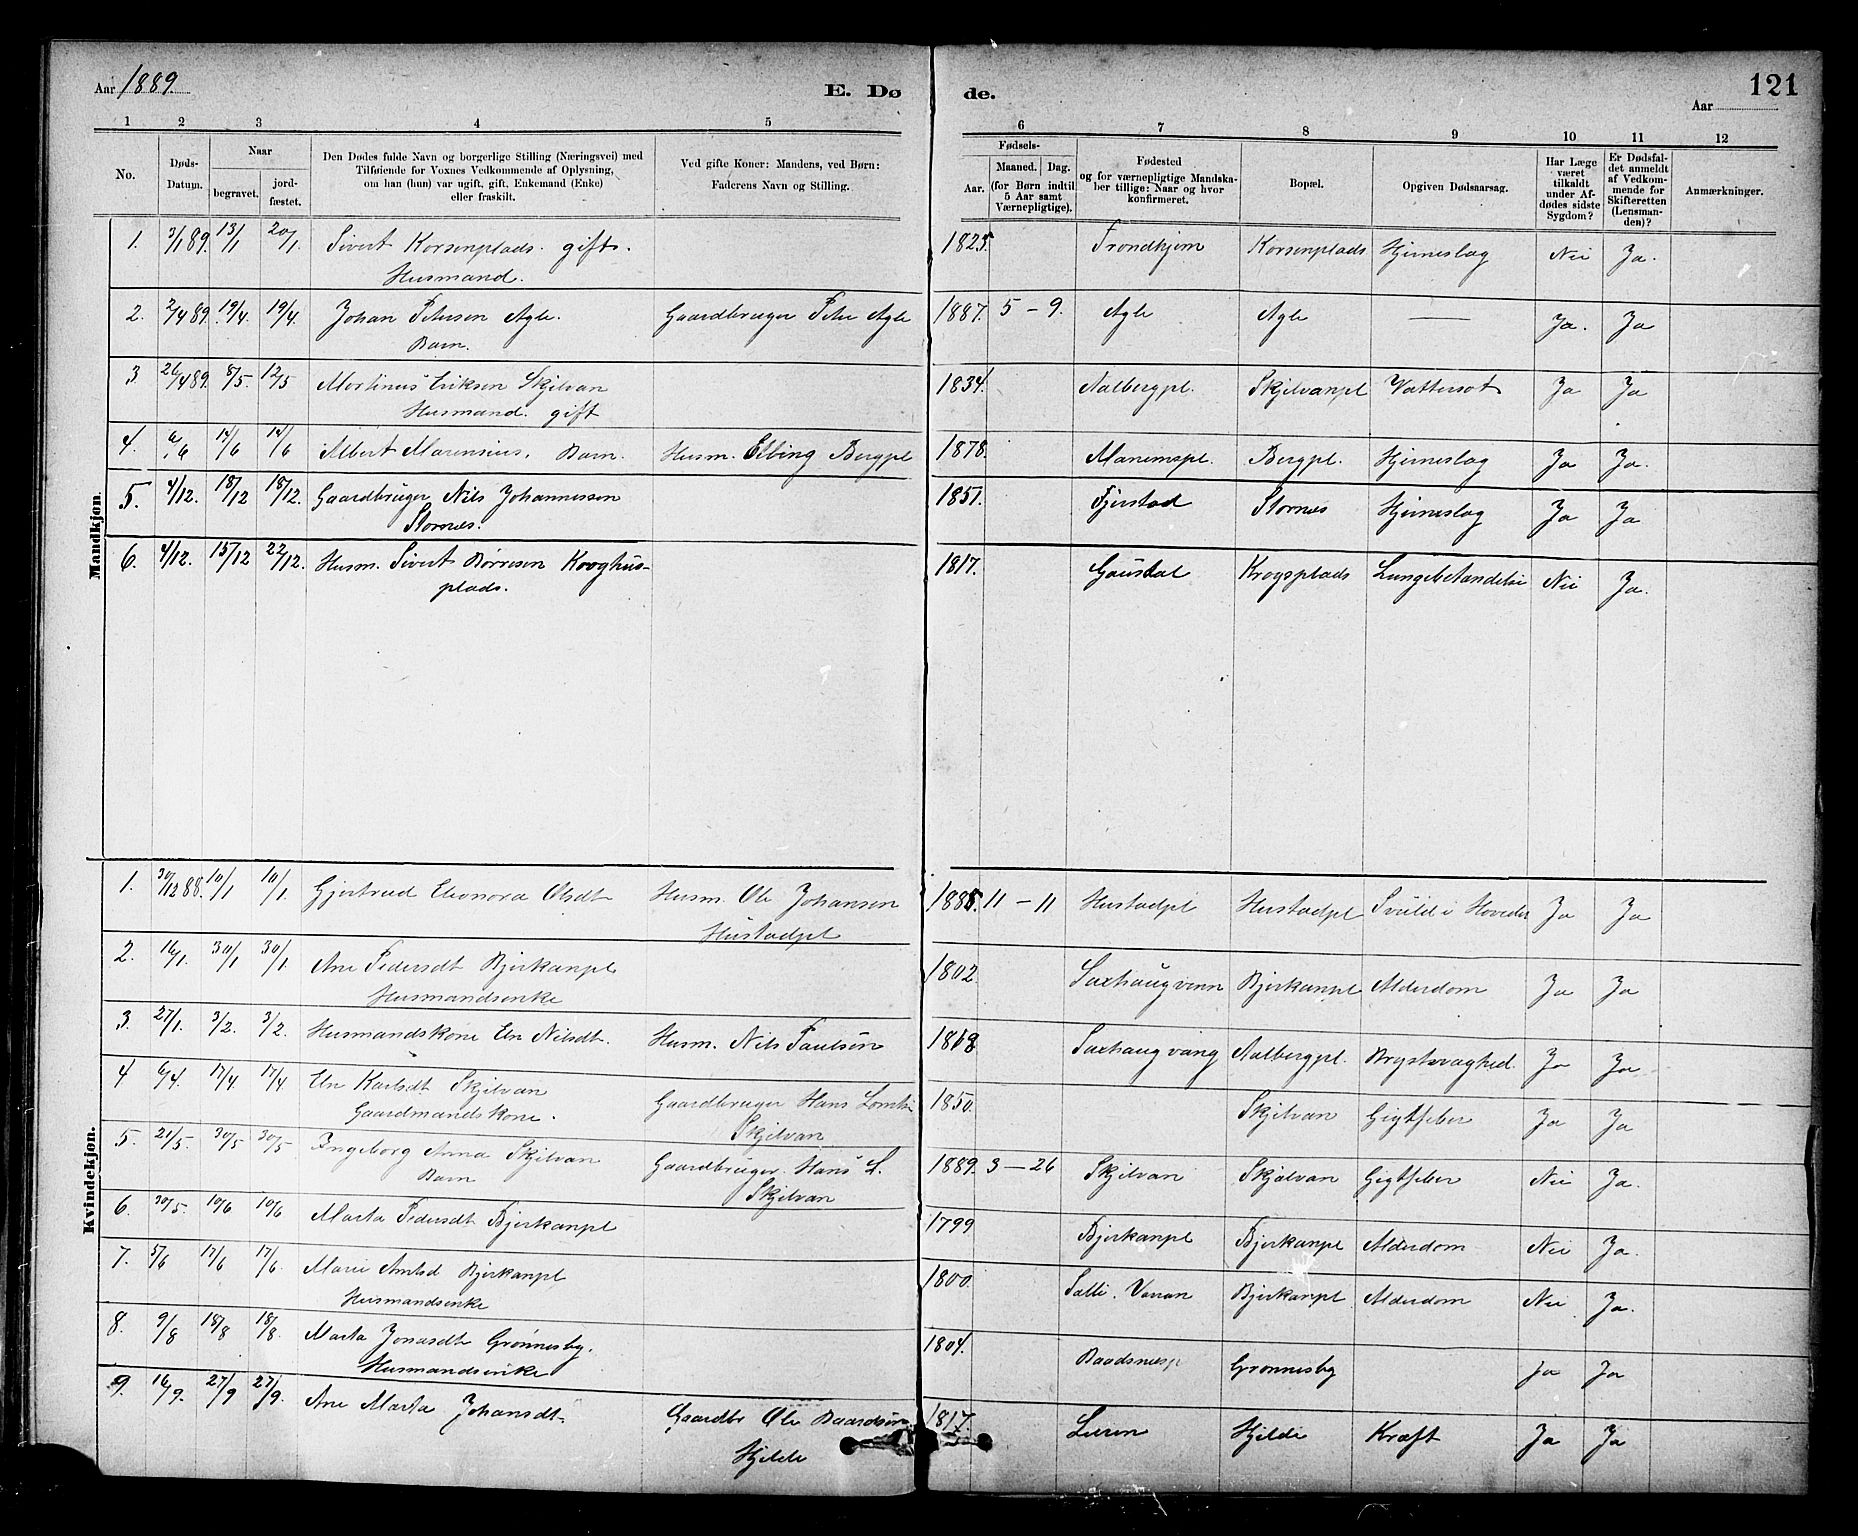 SAT, Ministerialprotokoller, klokkerbøker og fødselsregistre - Nord-Trøndelag, 732/L0318: Klokkerbok nr. 732C02, 1881-1911, s. 121